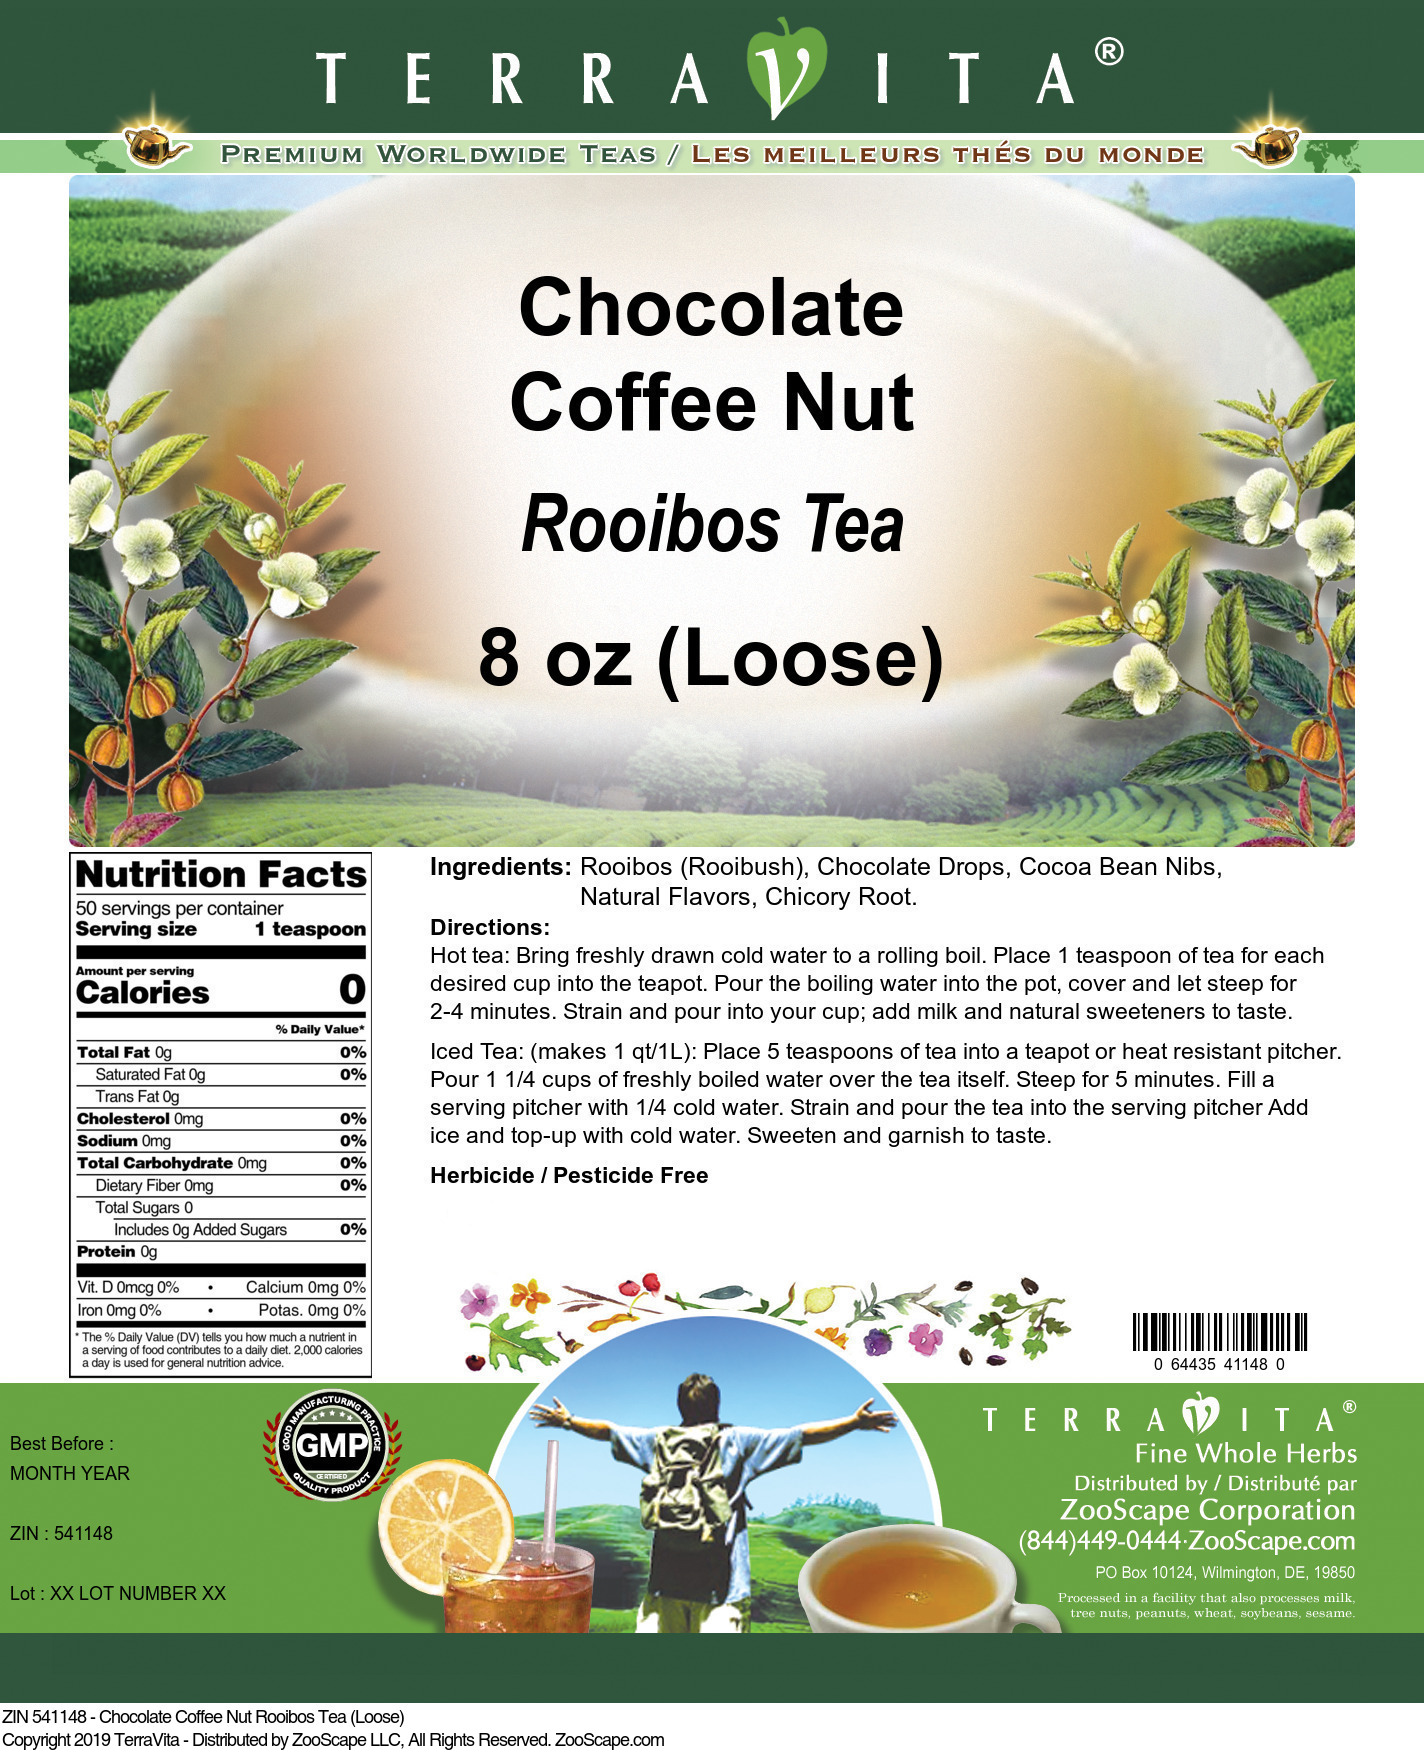 Chocolate Coffee Nut Rooibos Tea (Loose)